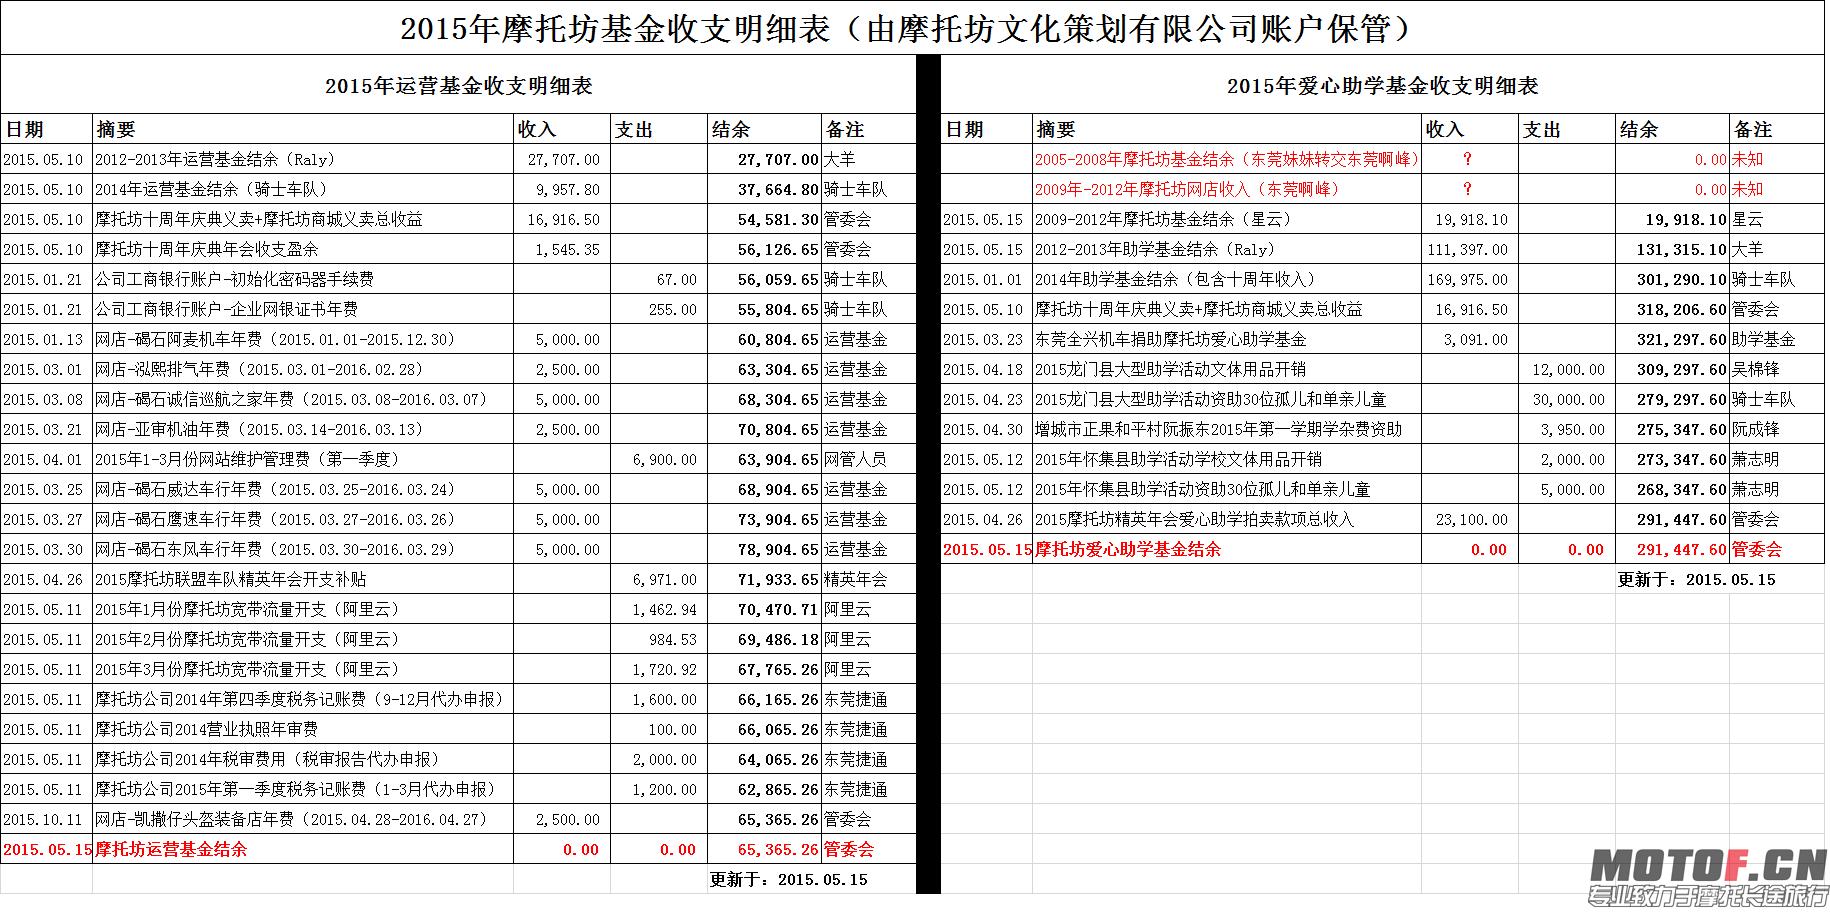 图5摩托坊基金财务公告表五:2015摩托坊基金财务表(摩托坊管委会).png